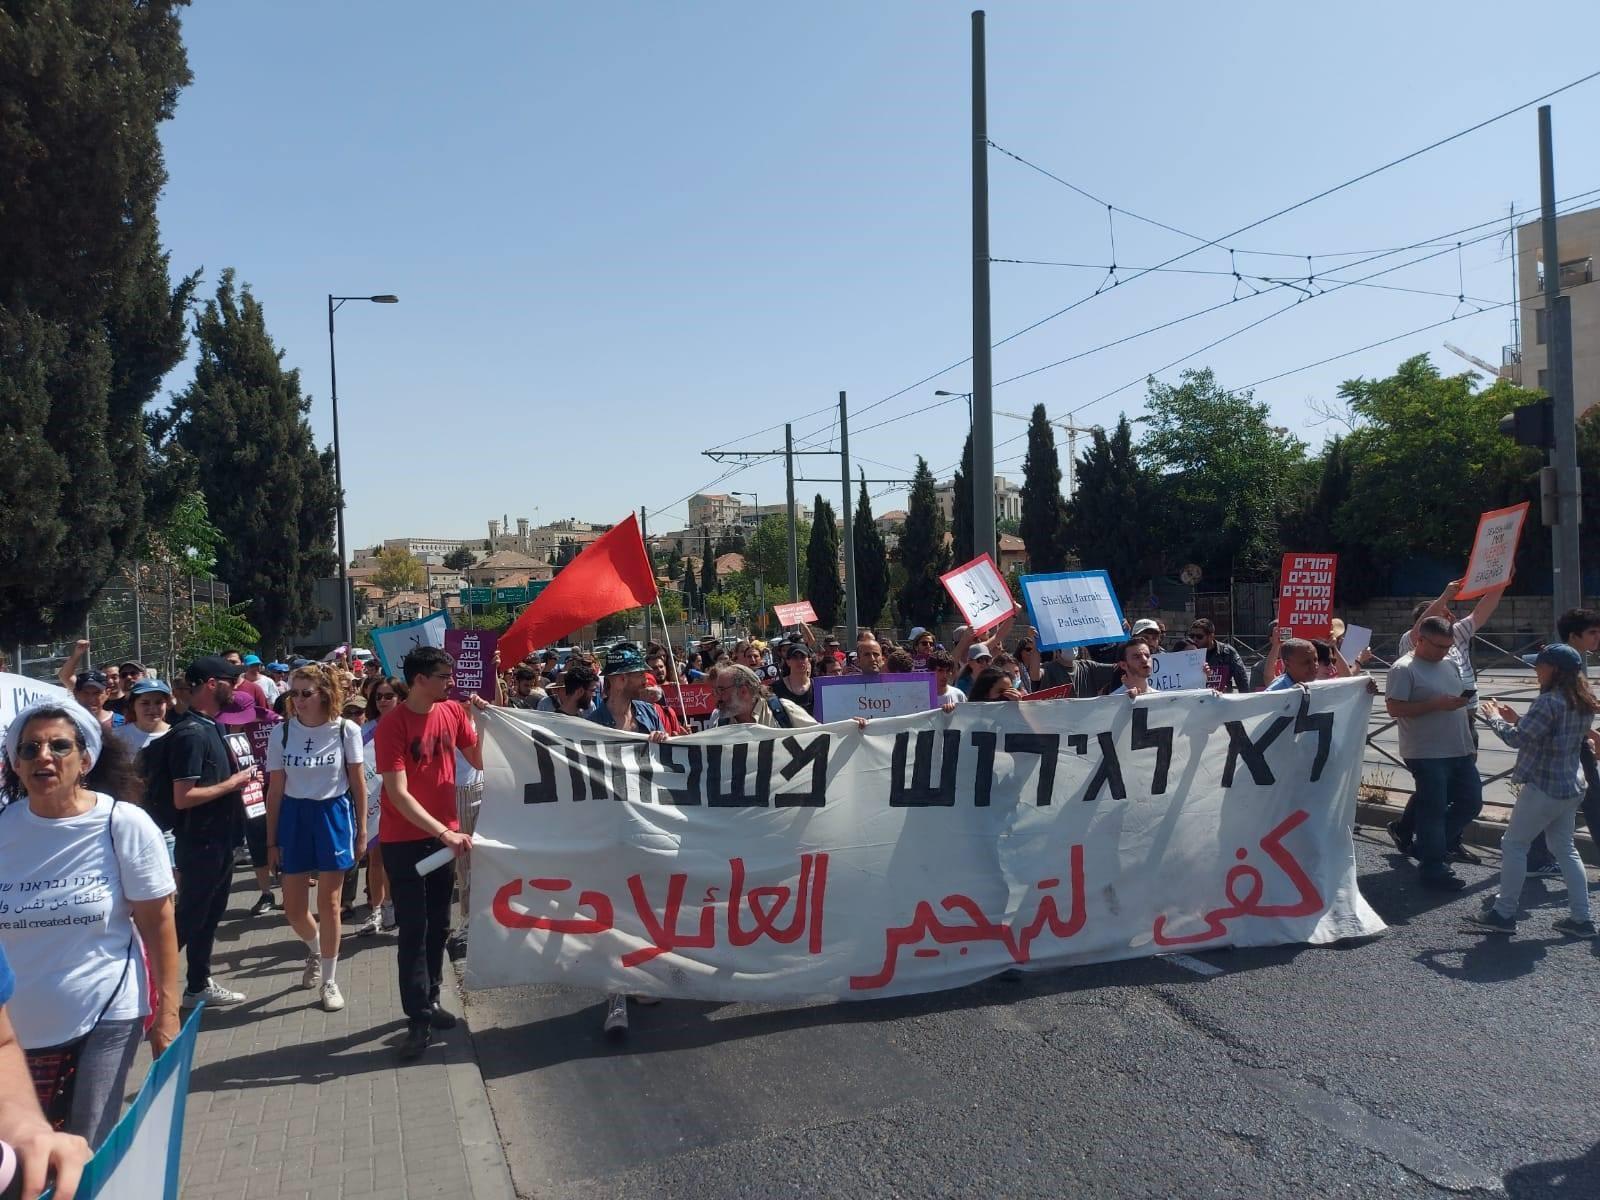 עם שייח' ג'ראח ותושביה, נגד הכיבוש ולמען שלום ישראלי-פלסטיני